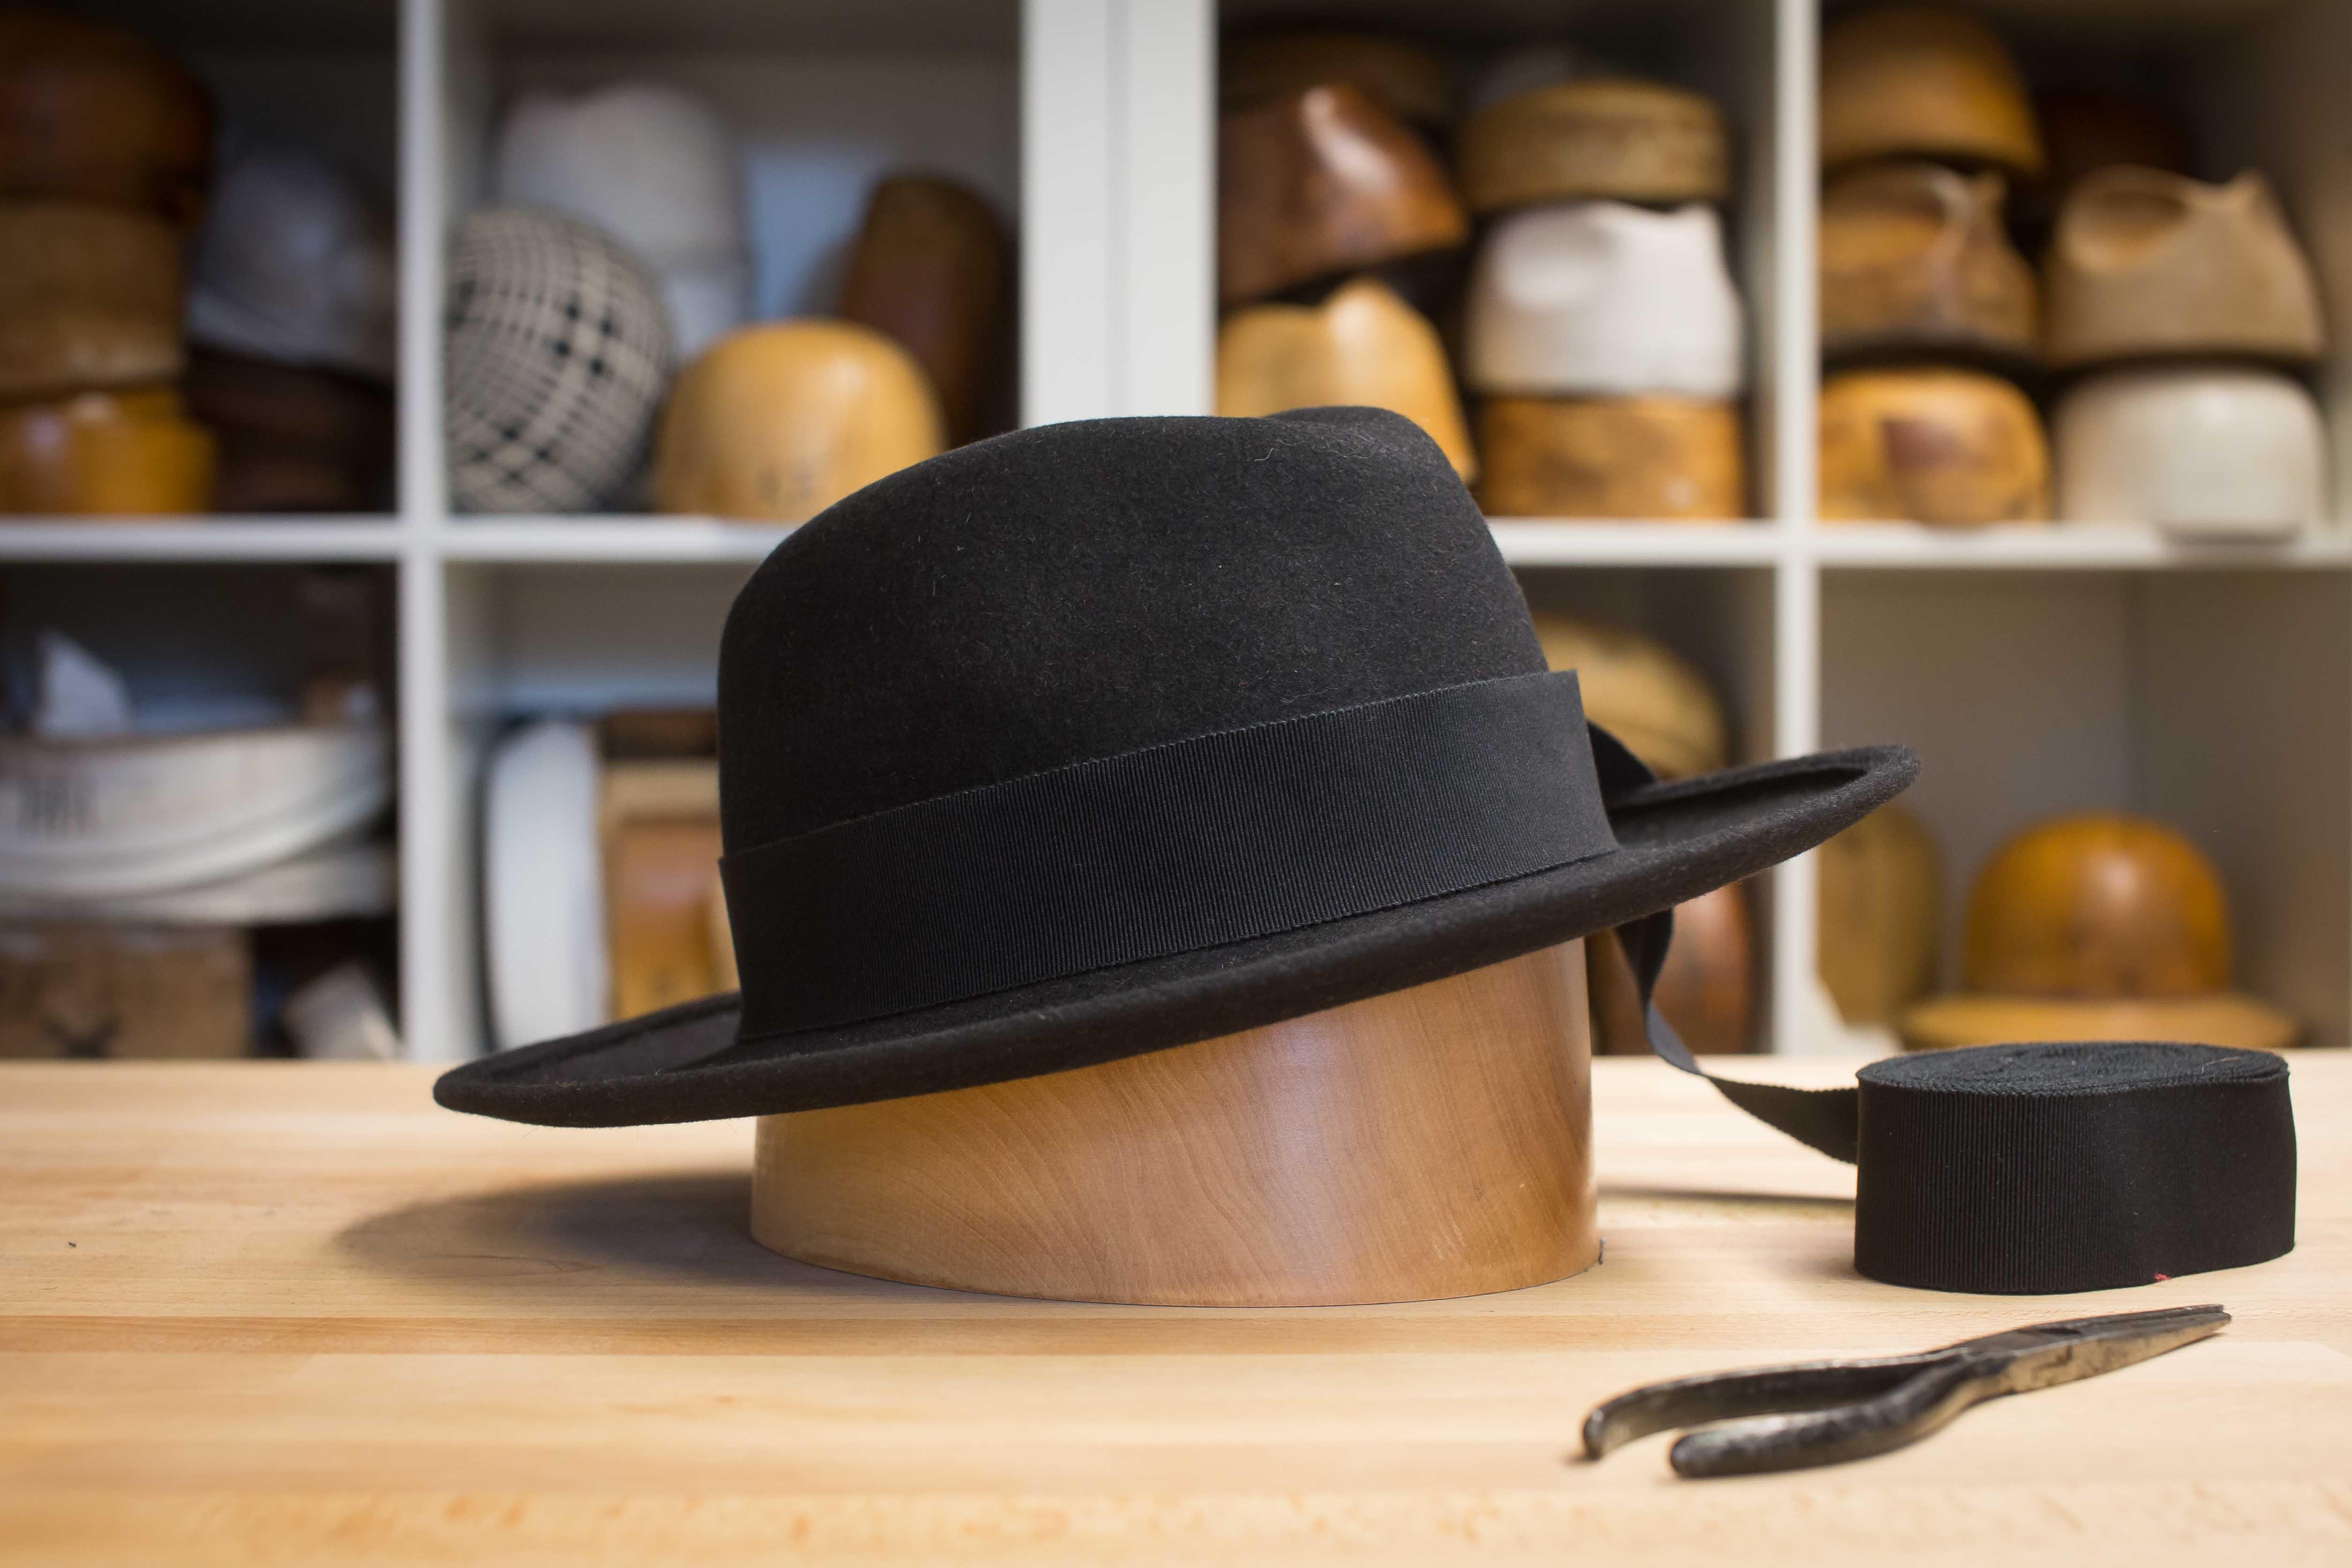 ateljee-fedora-hattutukit-hattukauppa-helsinkihatfactory